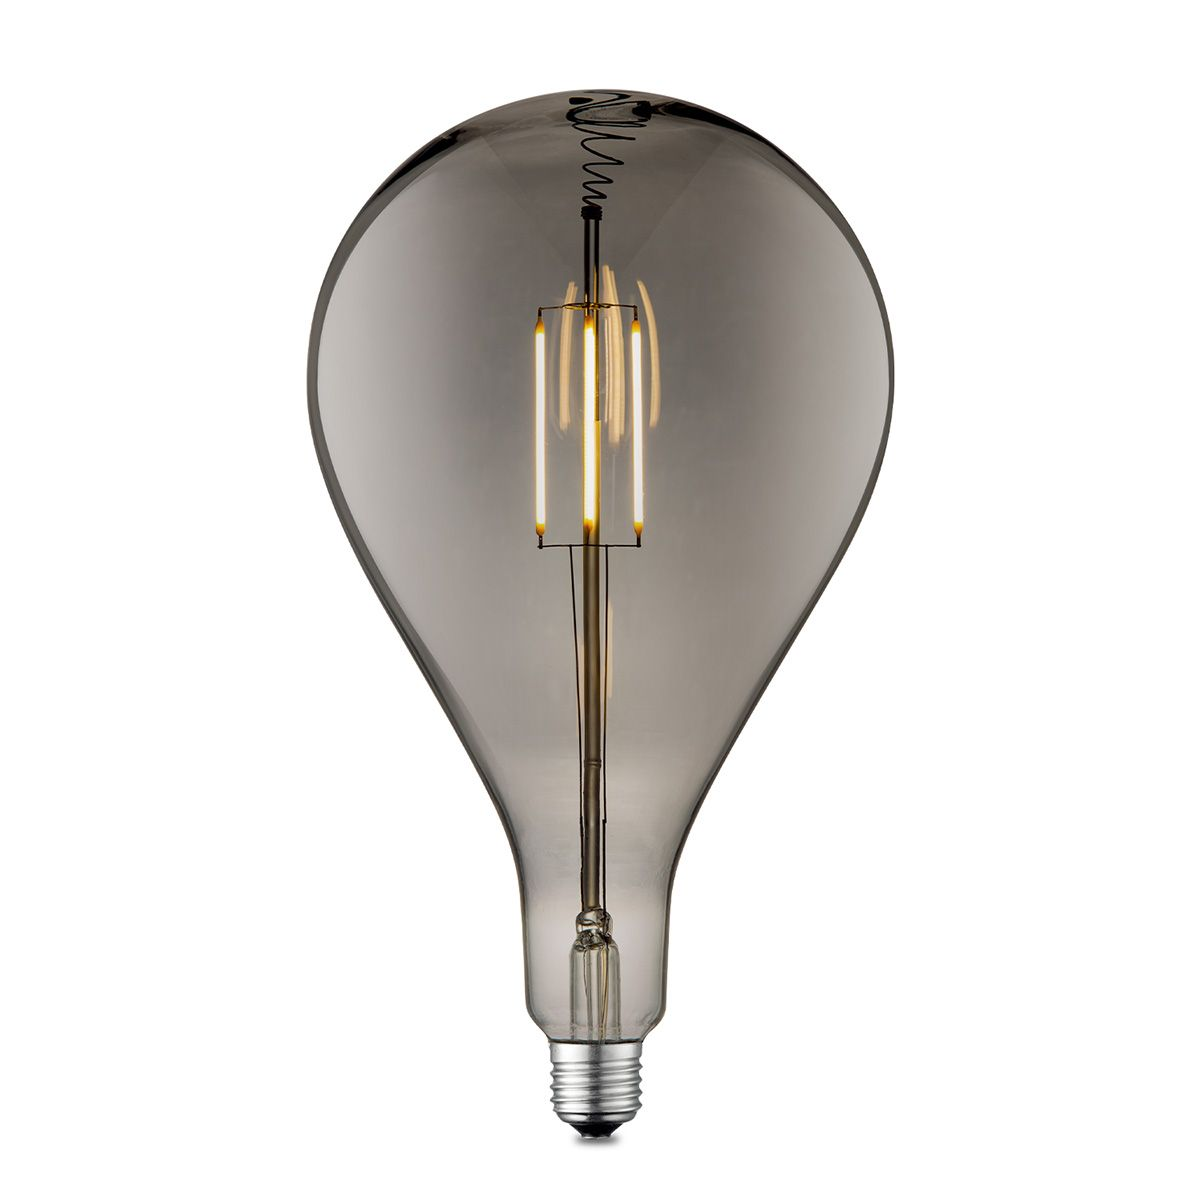 Light depot LED lamp Pear E27 4W 230Lm 2700K dimbaar smoke Outlet